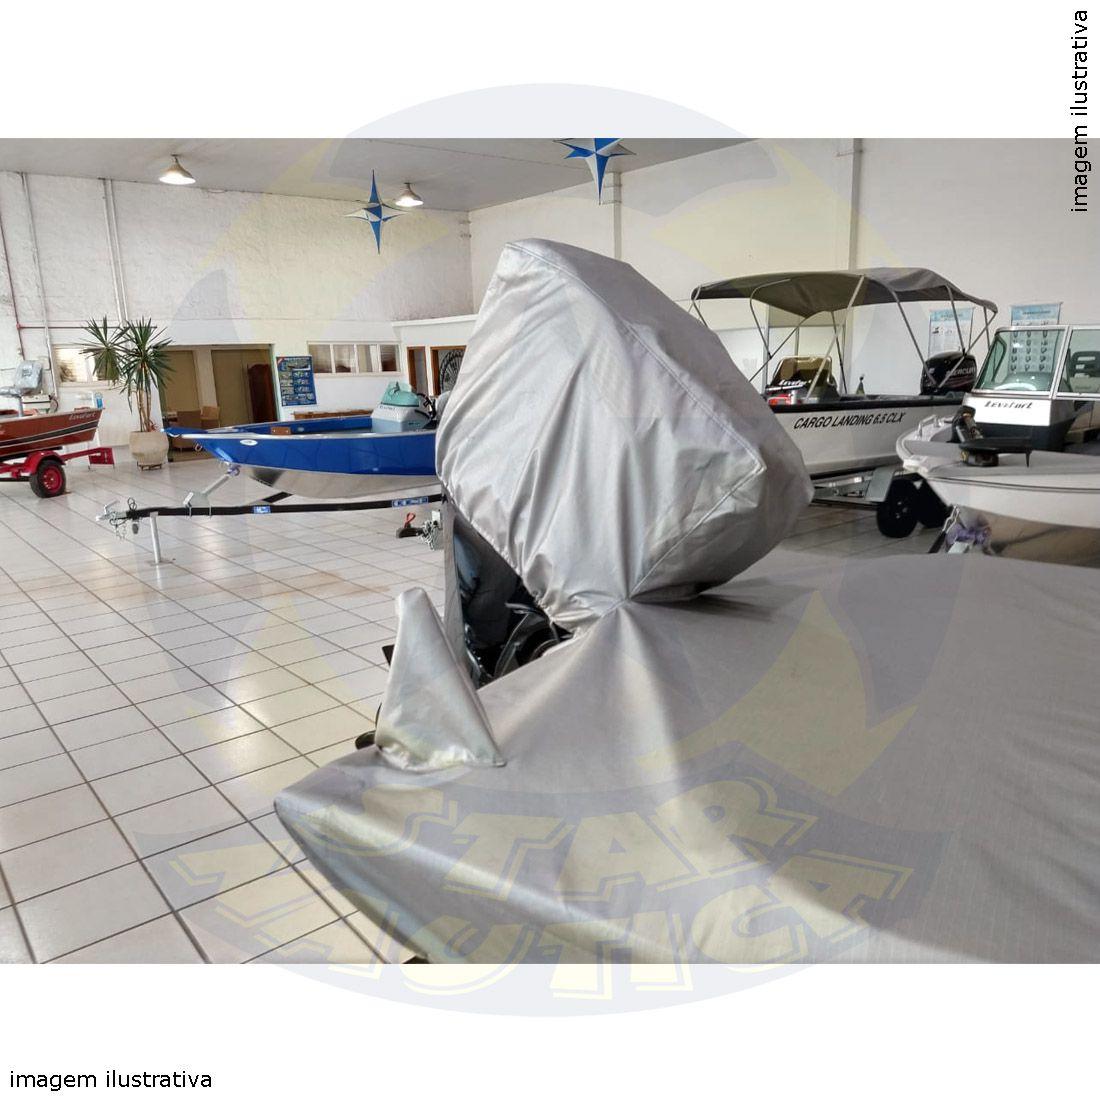 Capa Lona de Cobertura Lancha MG 195 Lona Metalizada